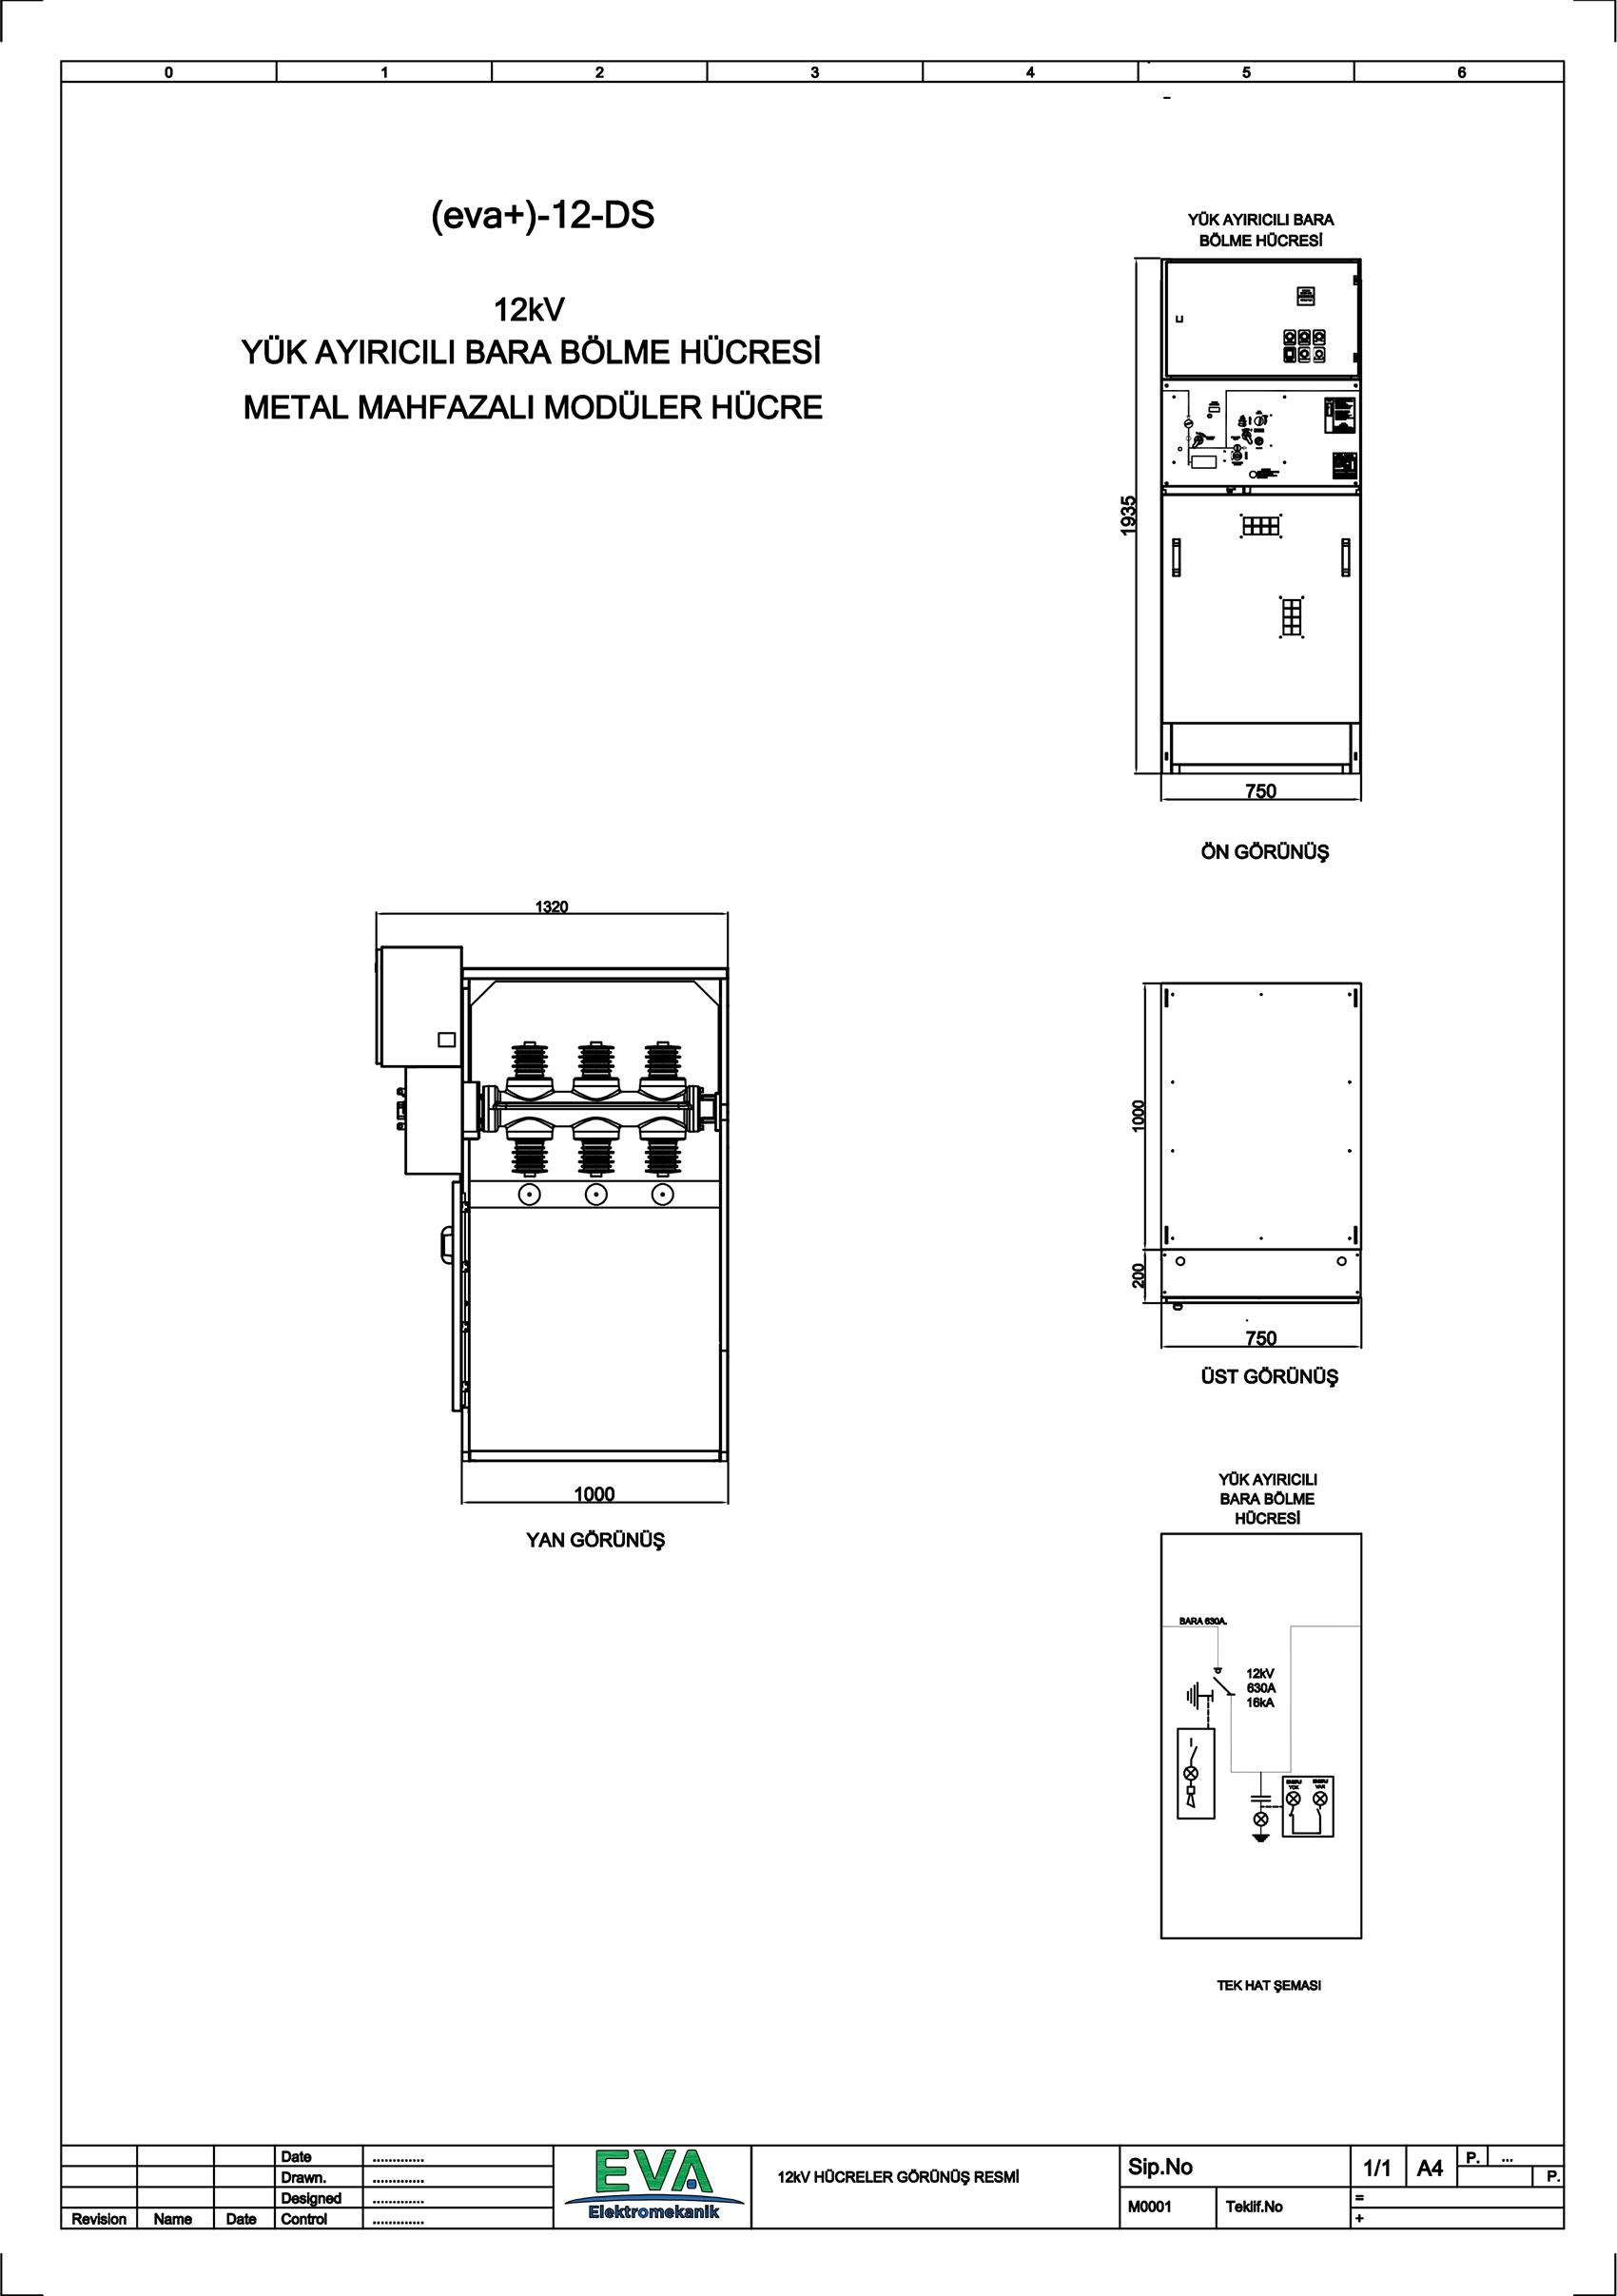 EVA+-12-DS Yük Ayırıcılı Bara Bölme Hücresi (Metal Mahfazalı Modüler Hücre)